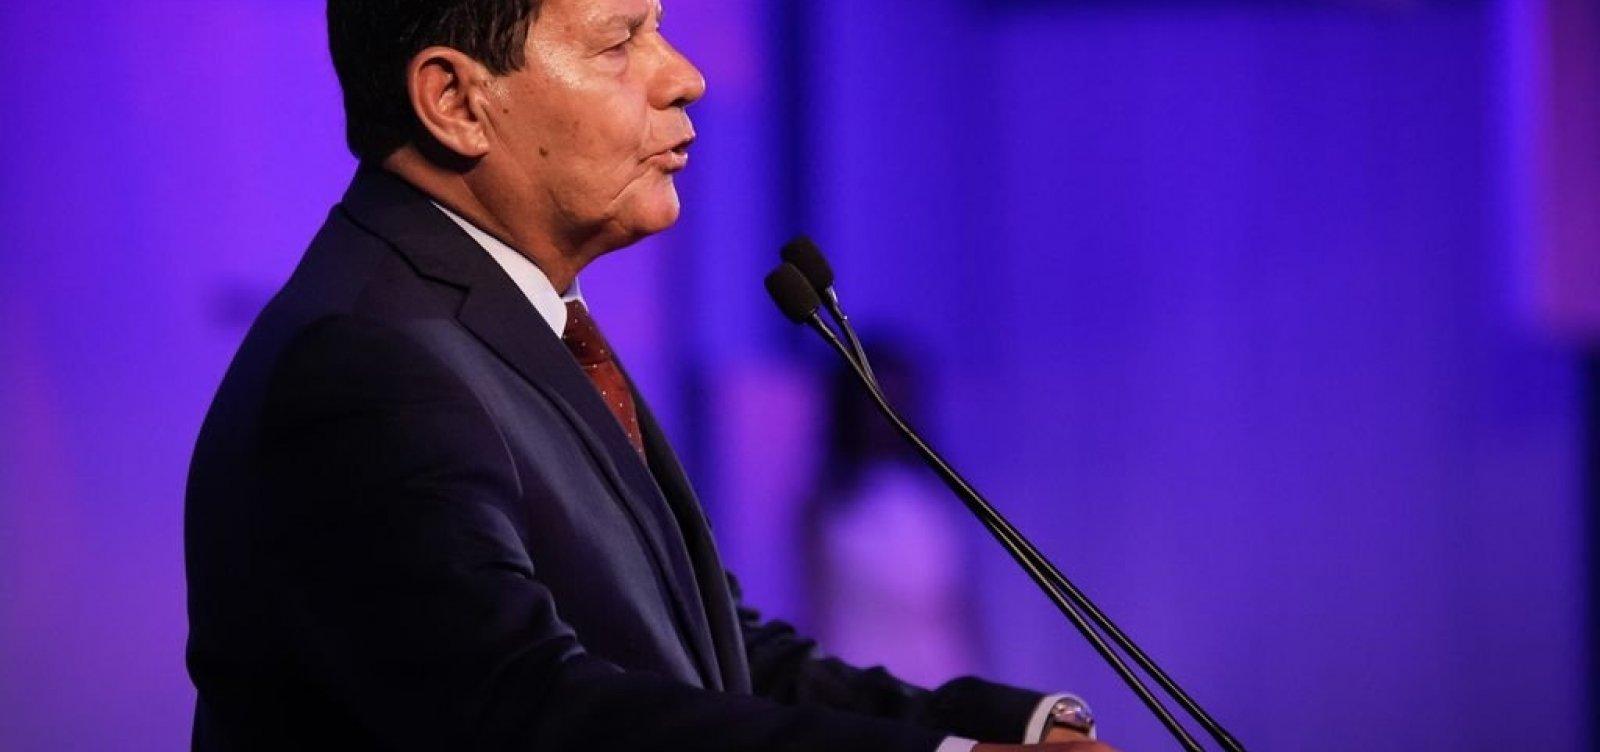 [Forças Armadas intervieram 'para enfrentar desordem', diz Mourão sobre golpe de 64]